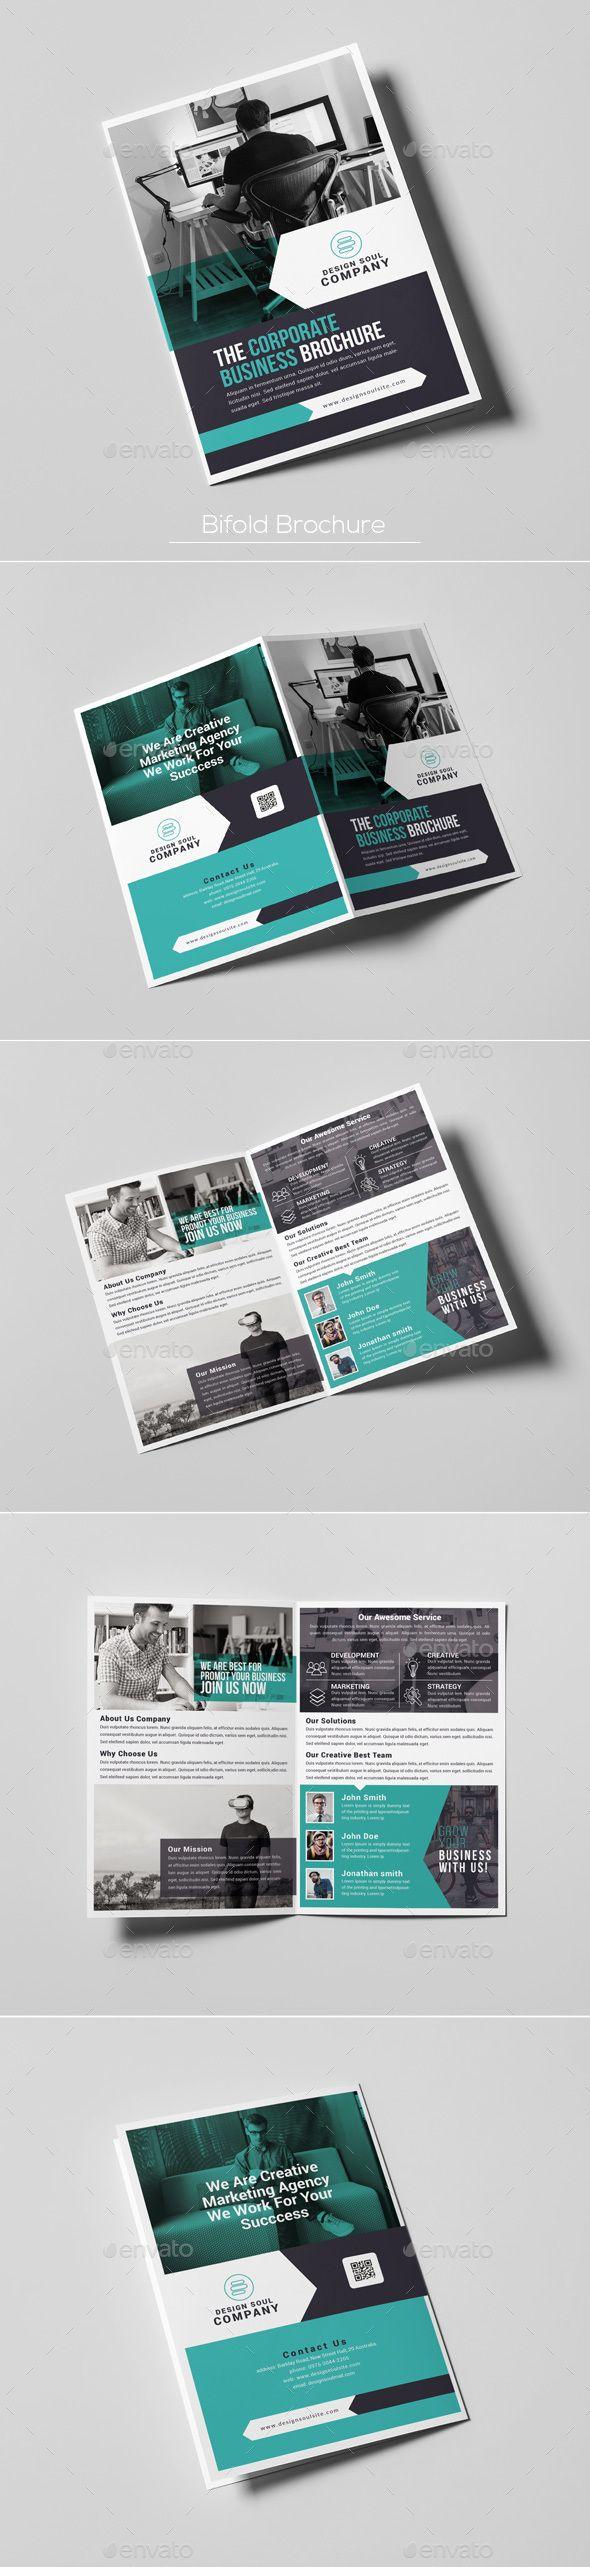 Bifold Brochure   Editorial, Folletos y Diseño editorial